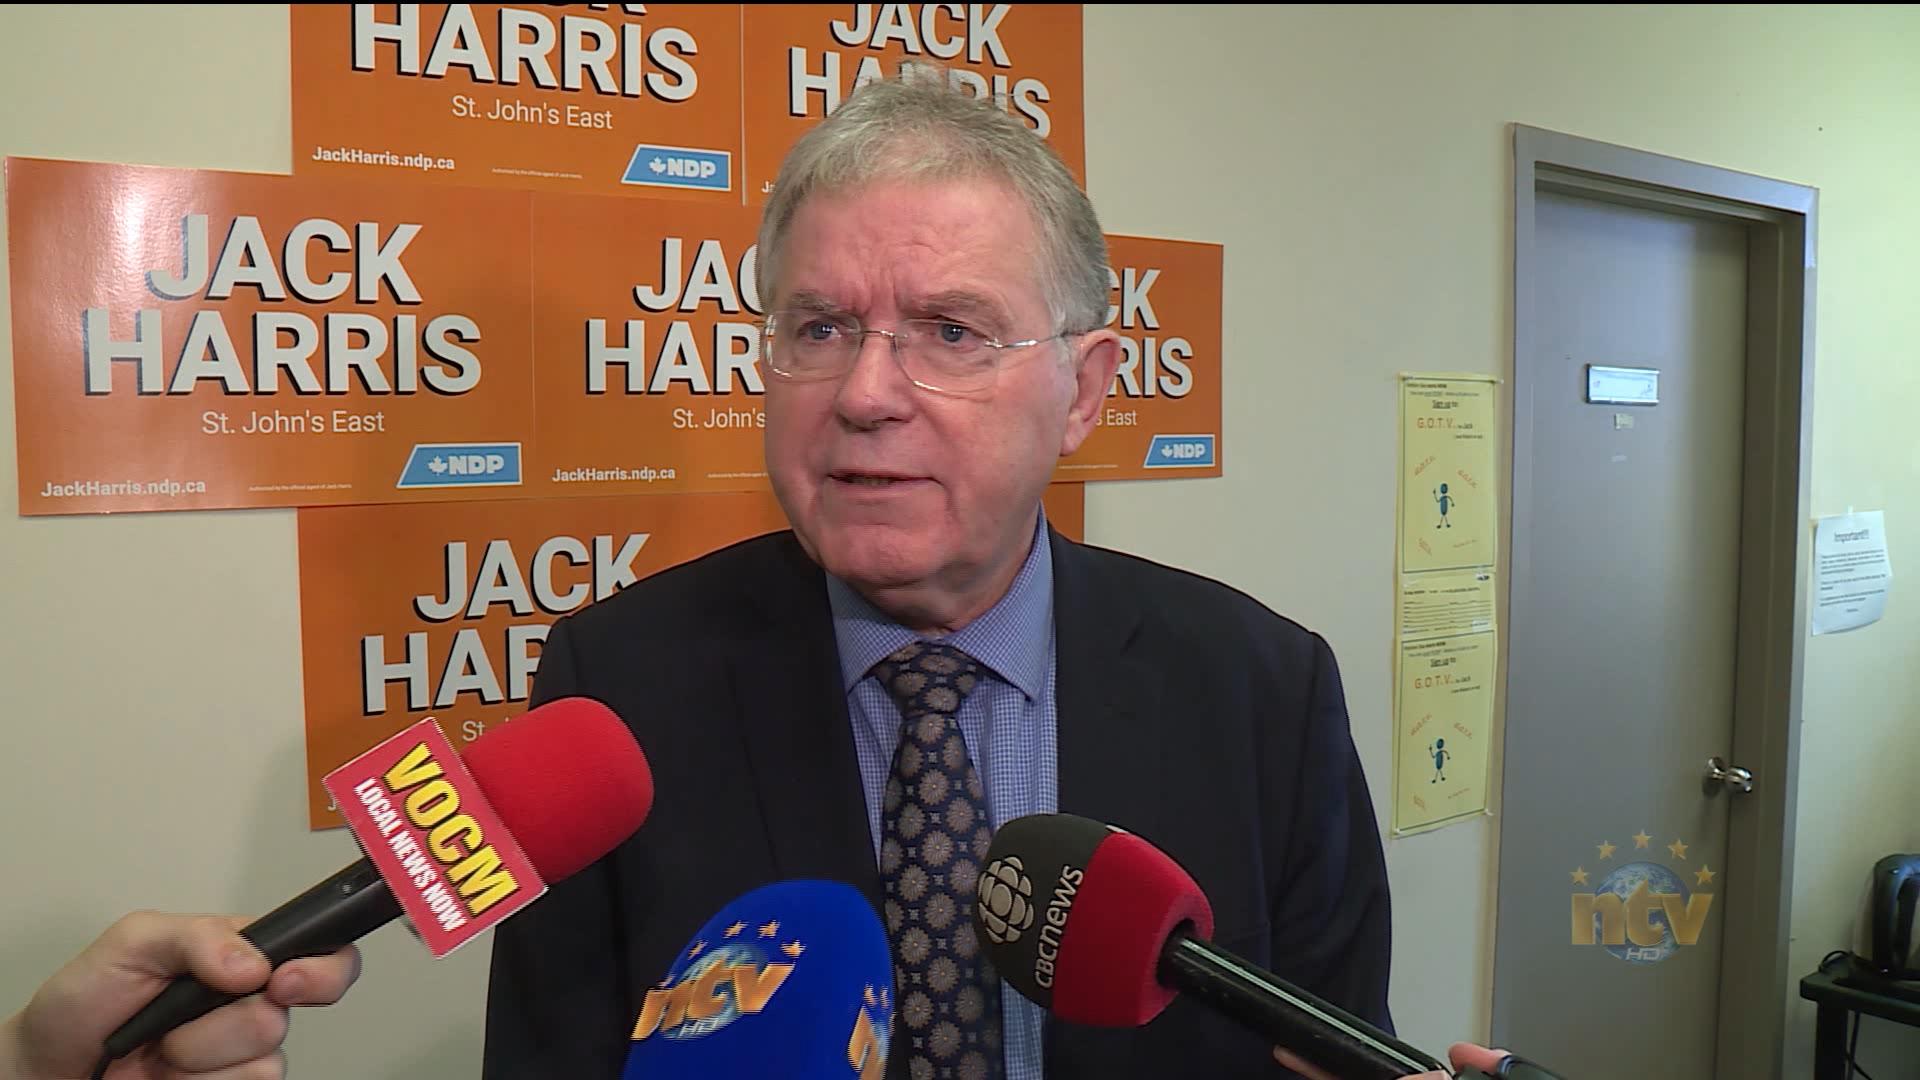 NDP MP Jack Harris not seeking re-election in St. John's East